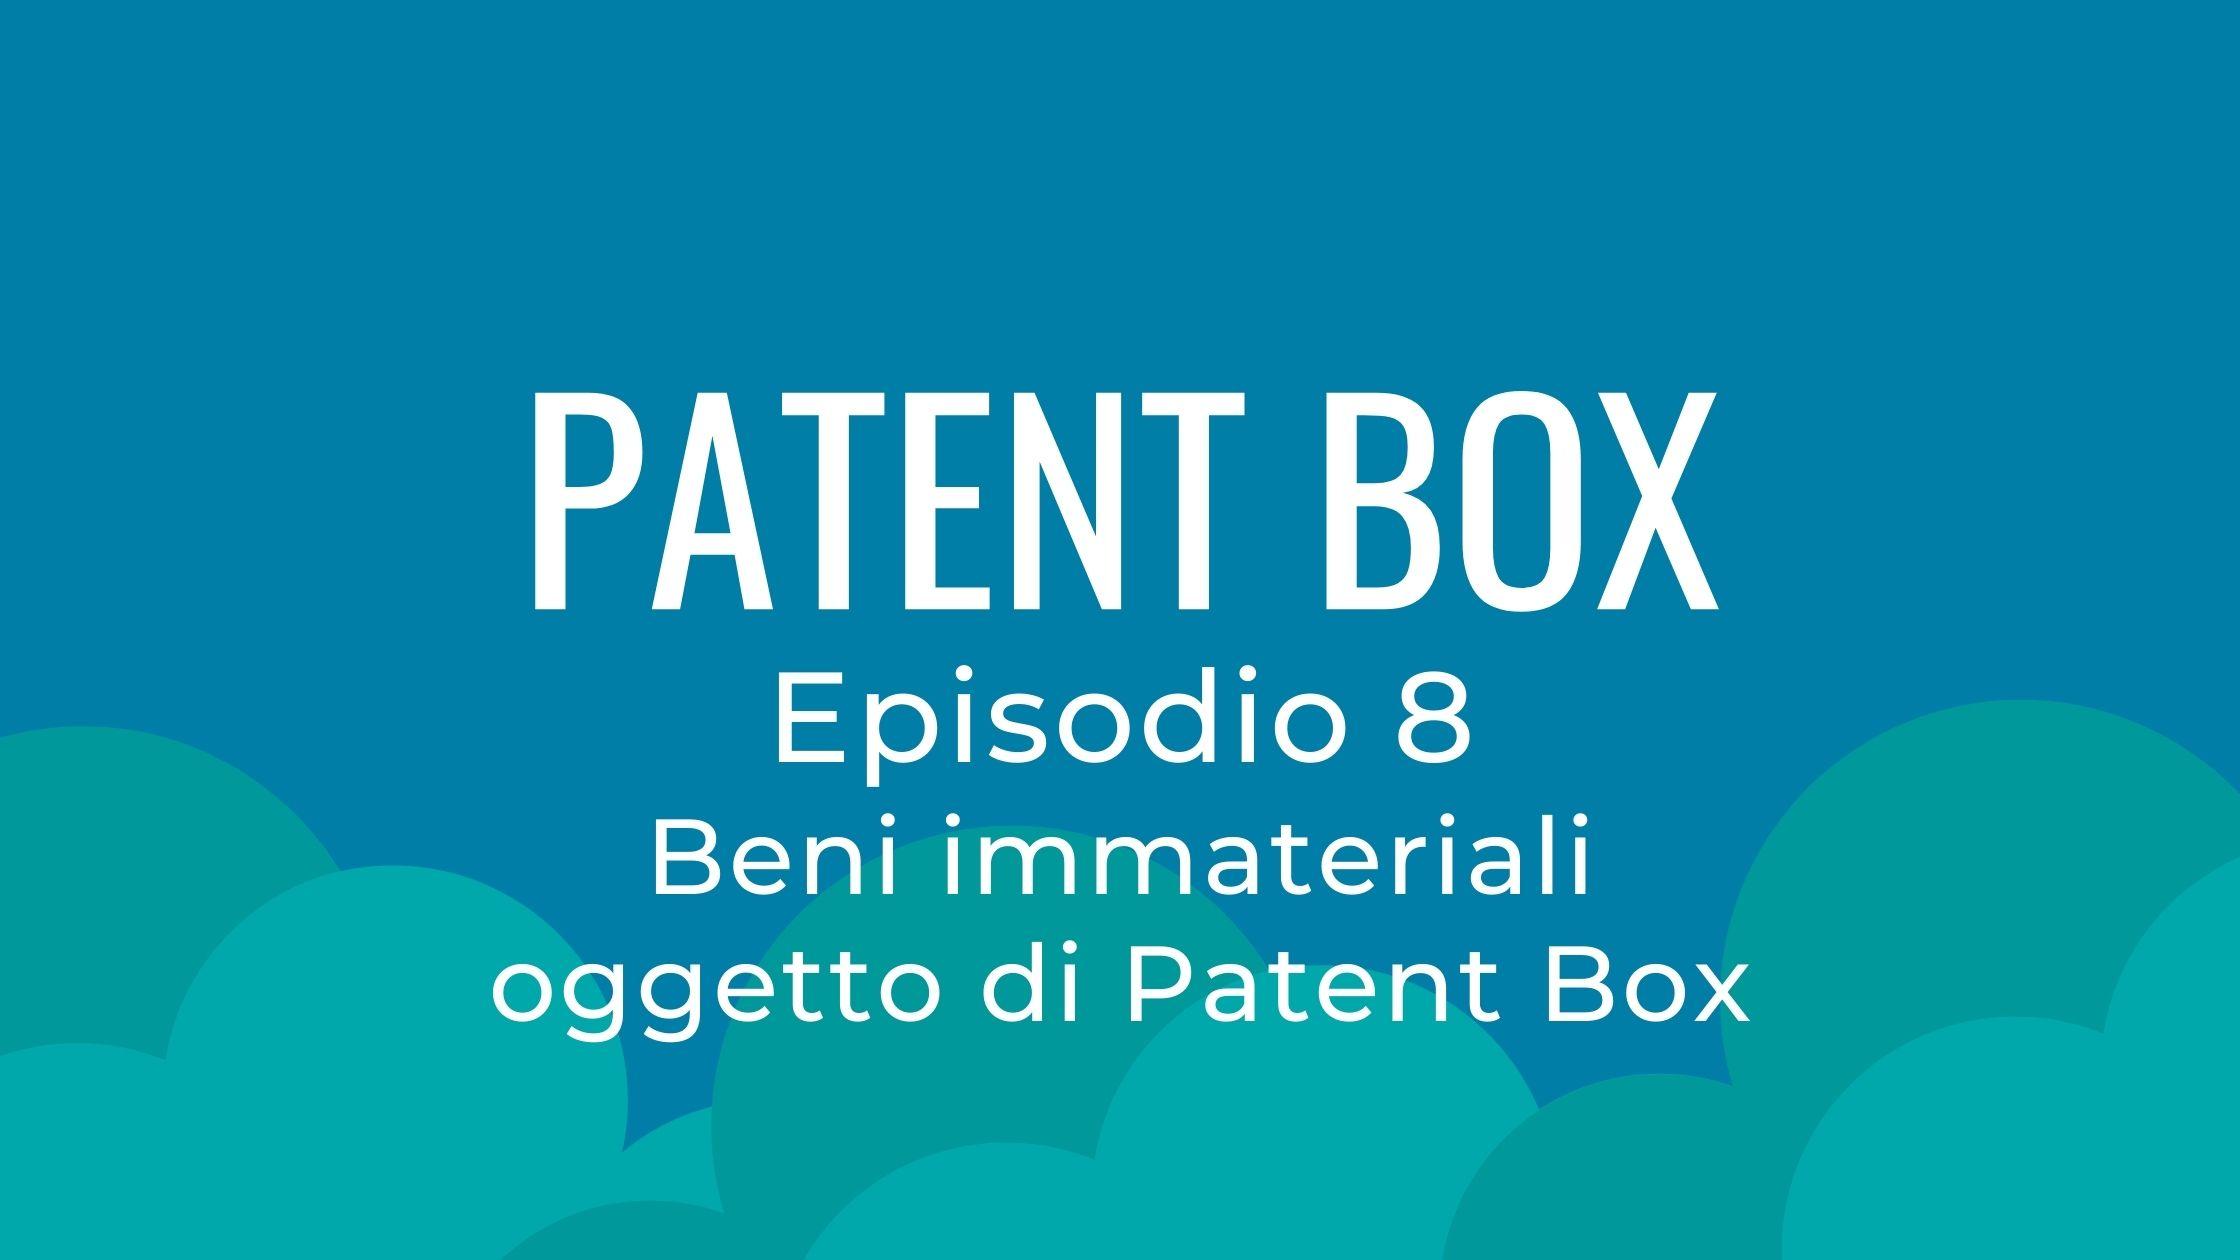 Beni immateriali oggetto di Patent Box